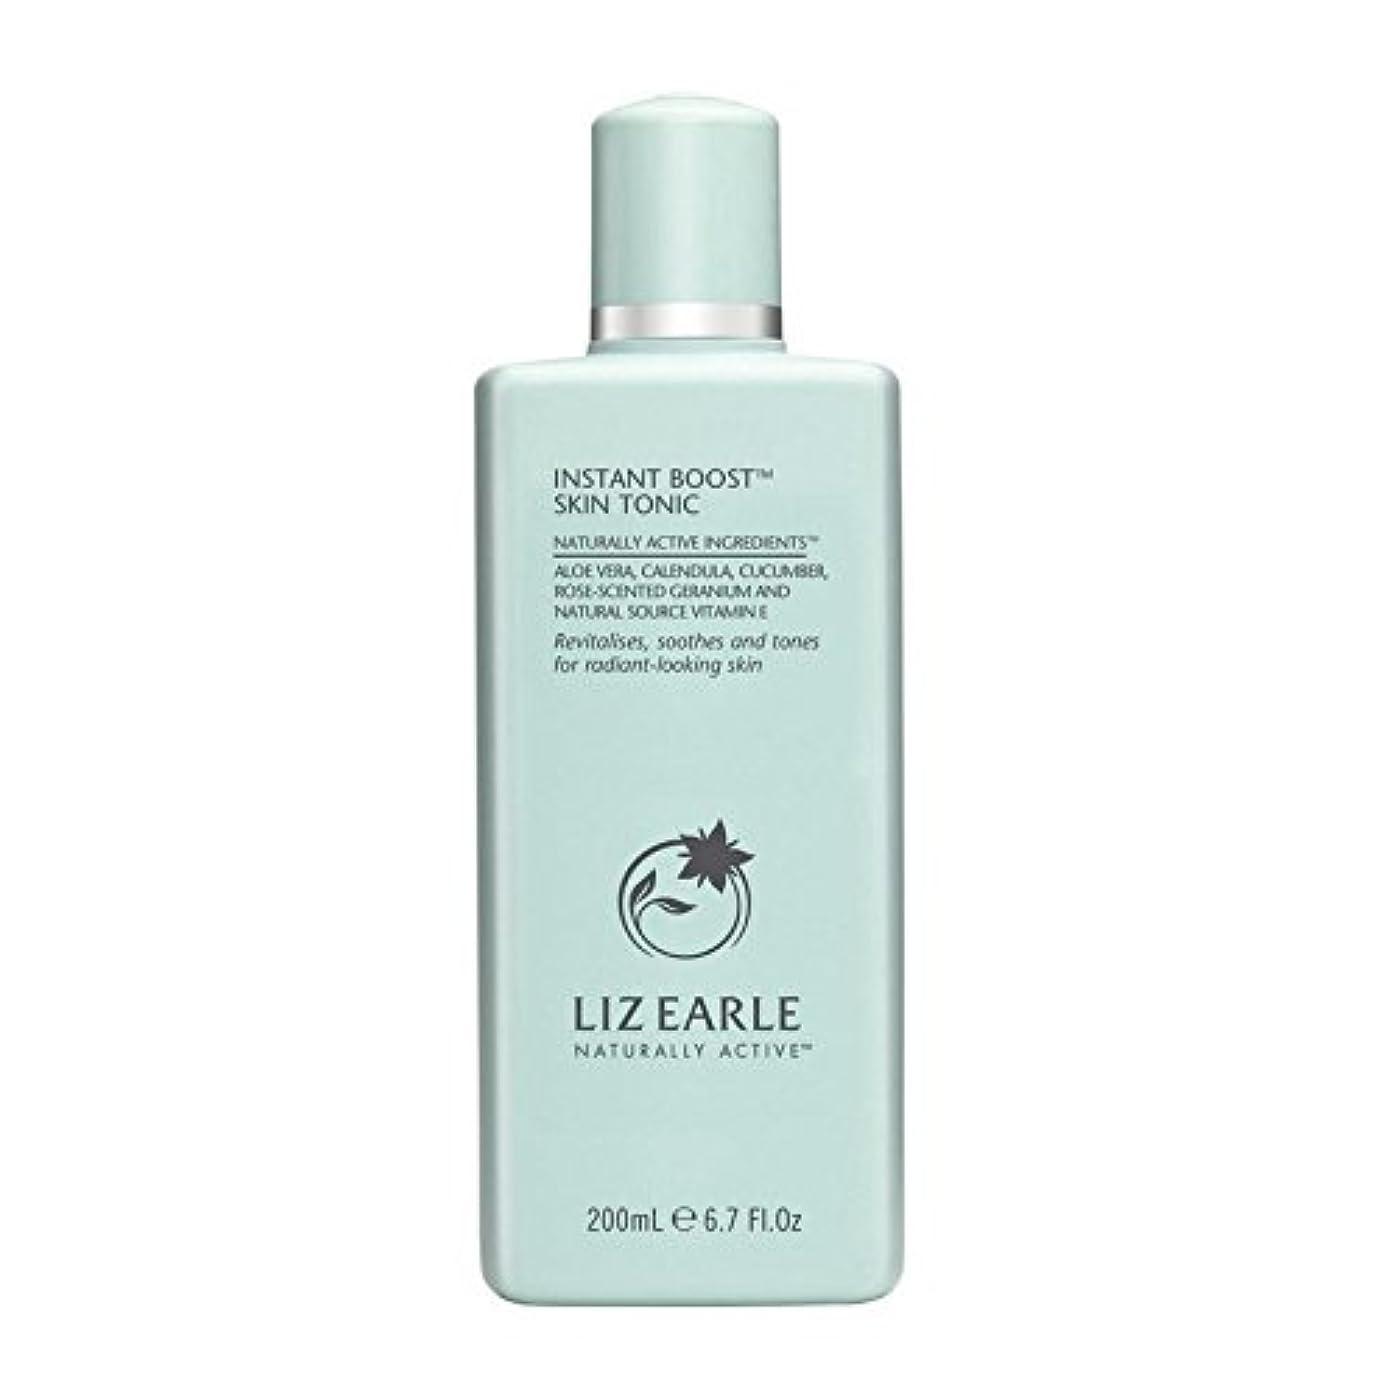 突進アンデス山脈台風リズアールインスタントブーストスキントニックボトル200ミリリットル x2 - Liz Earle Instant Boost Skin Tonic Bottle 200ml (Pack of 2) [並行輸入品]